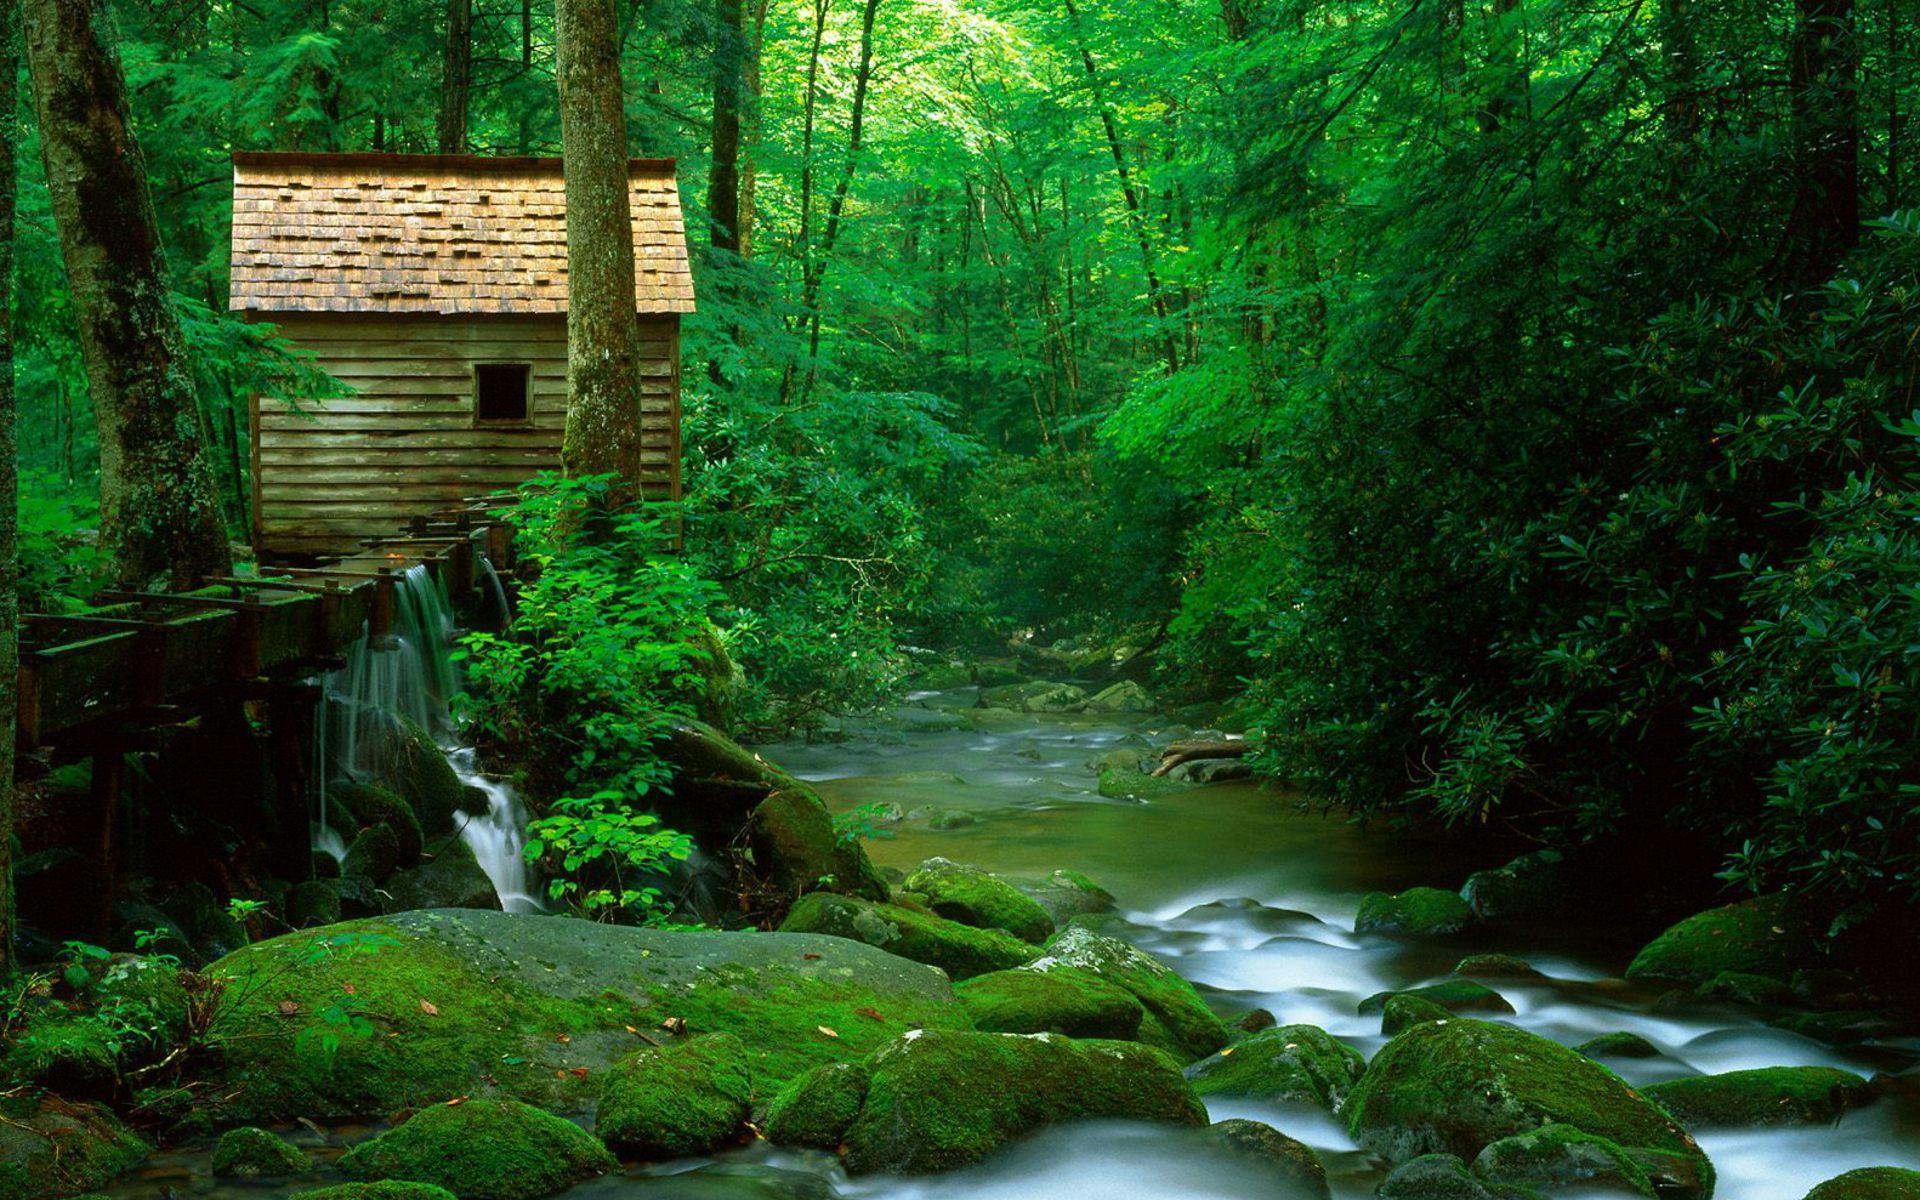 избушк а вгустом зеленом лесу, скачать фото, обои для рабочего стола